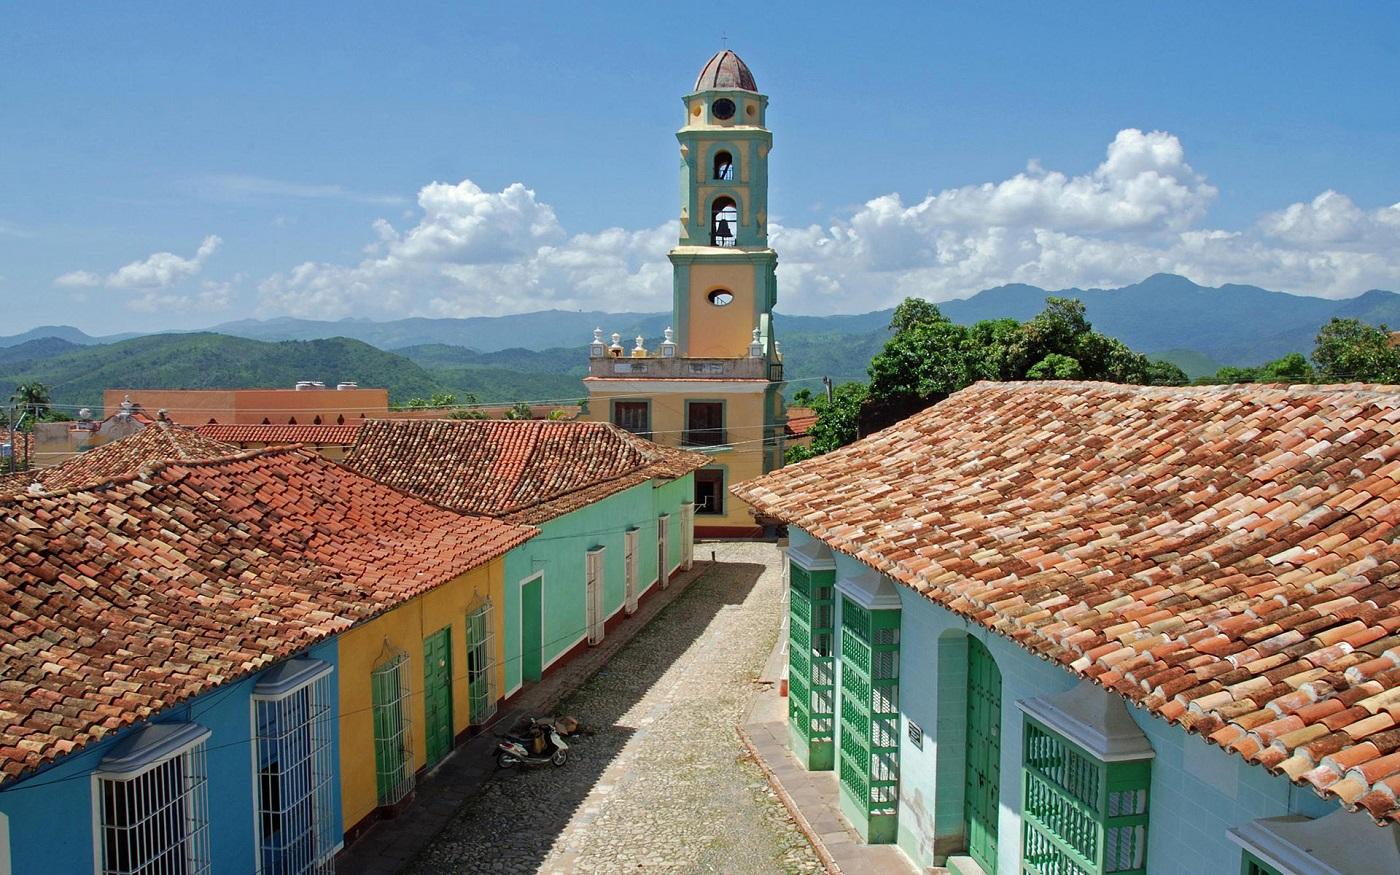 Străduțele înguste și casele vechi sunt o încântare pentru turiști!